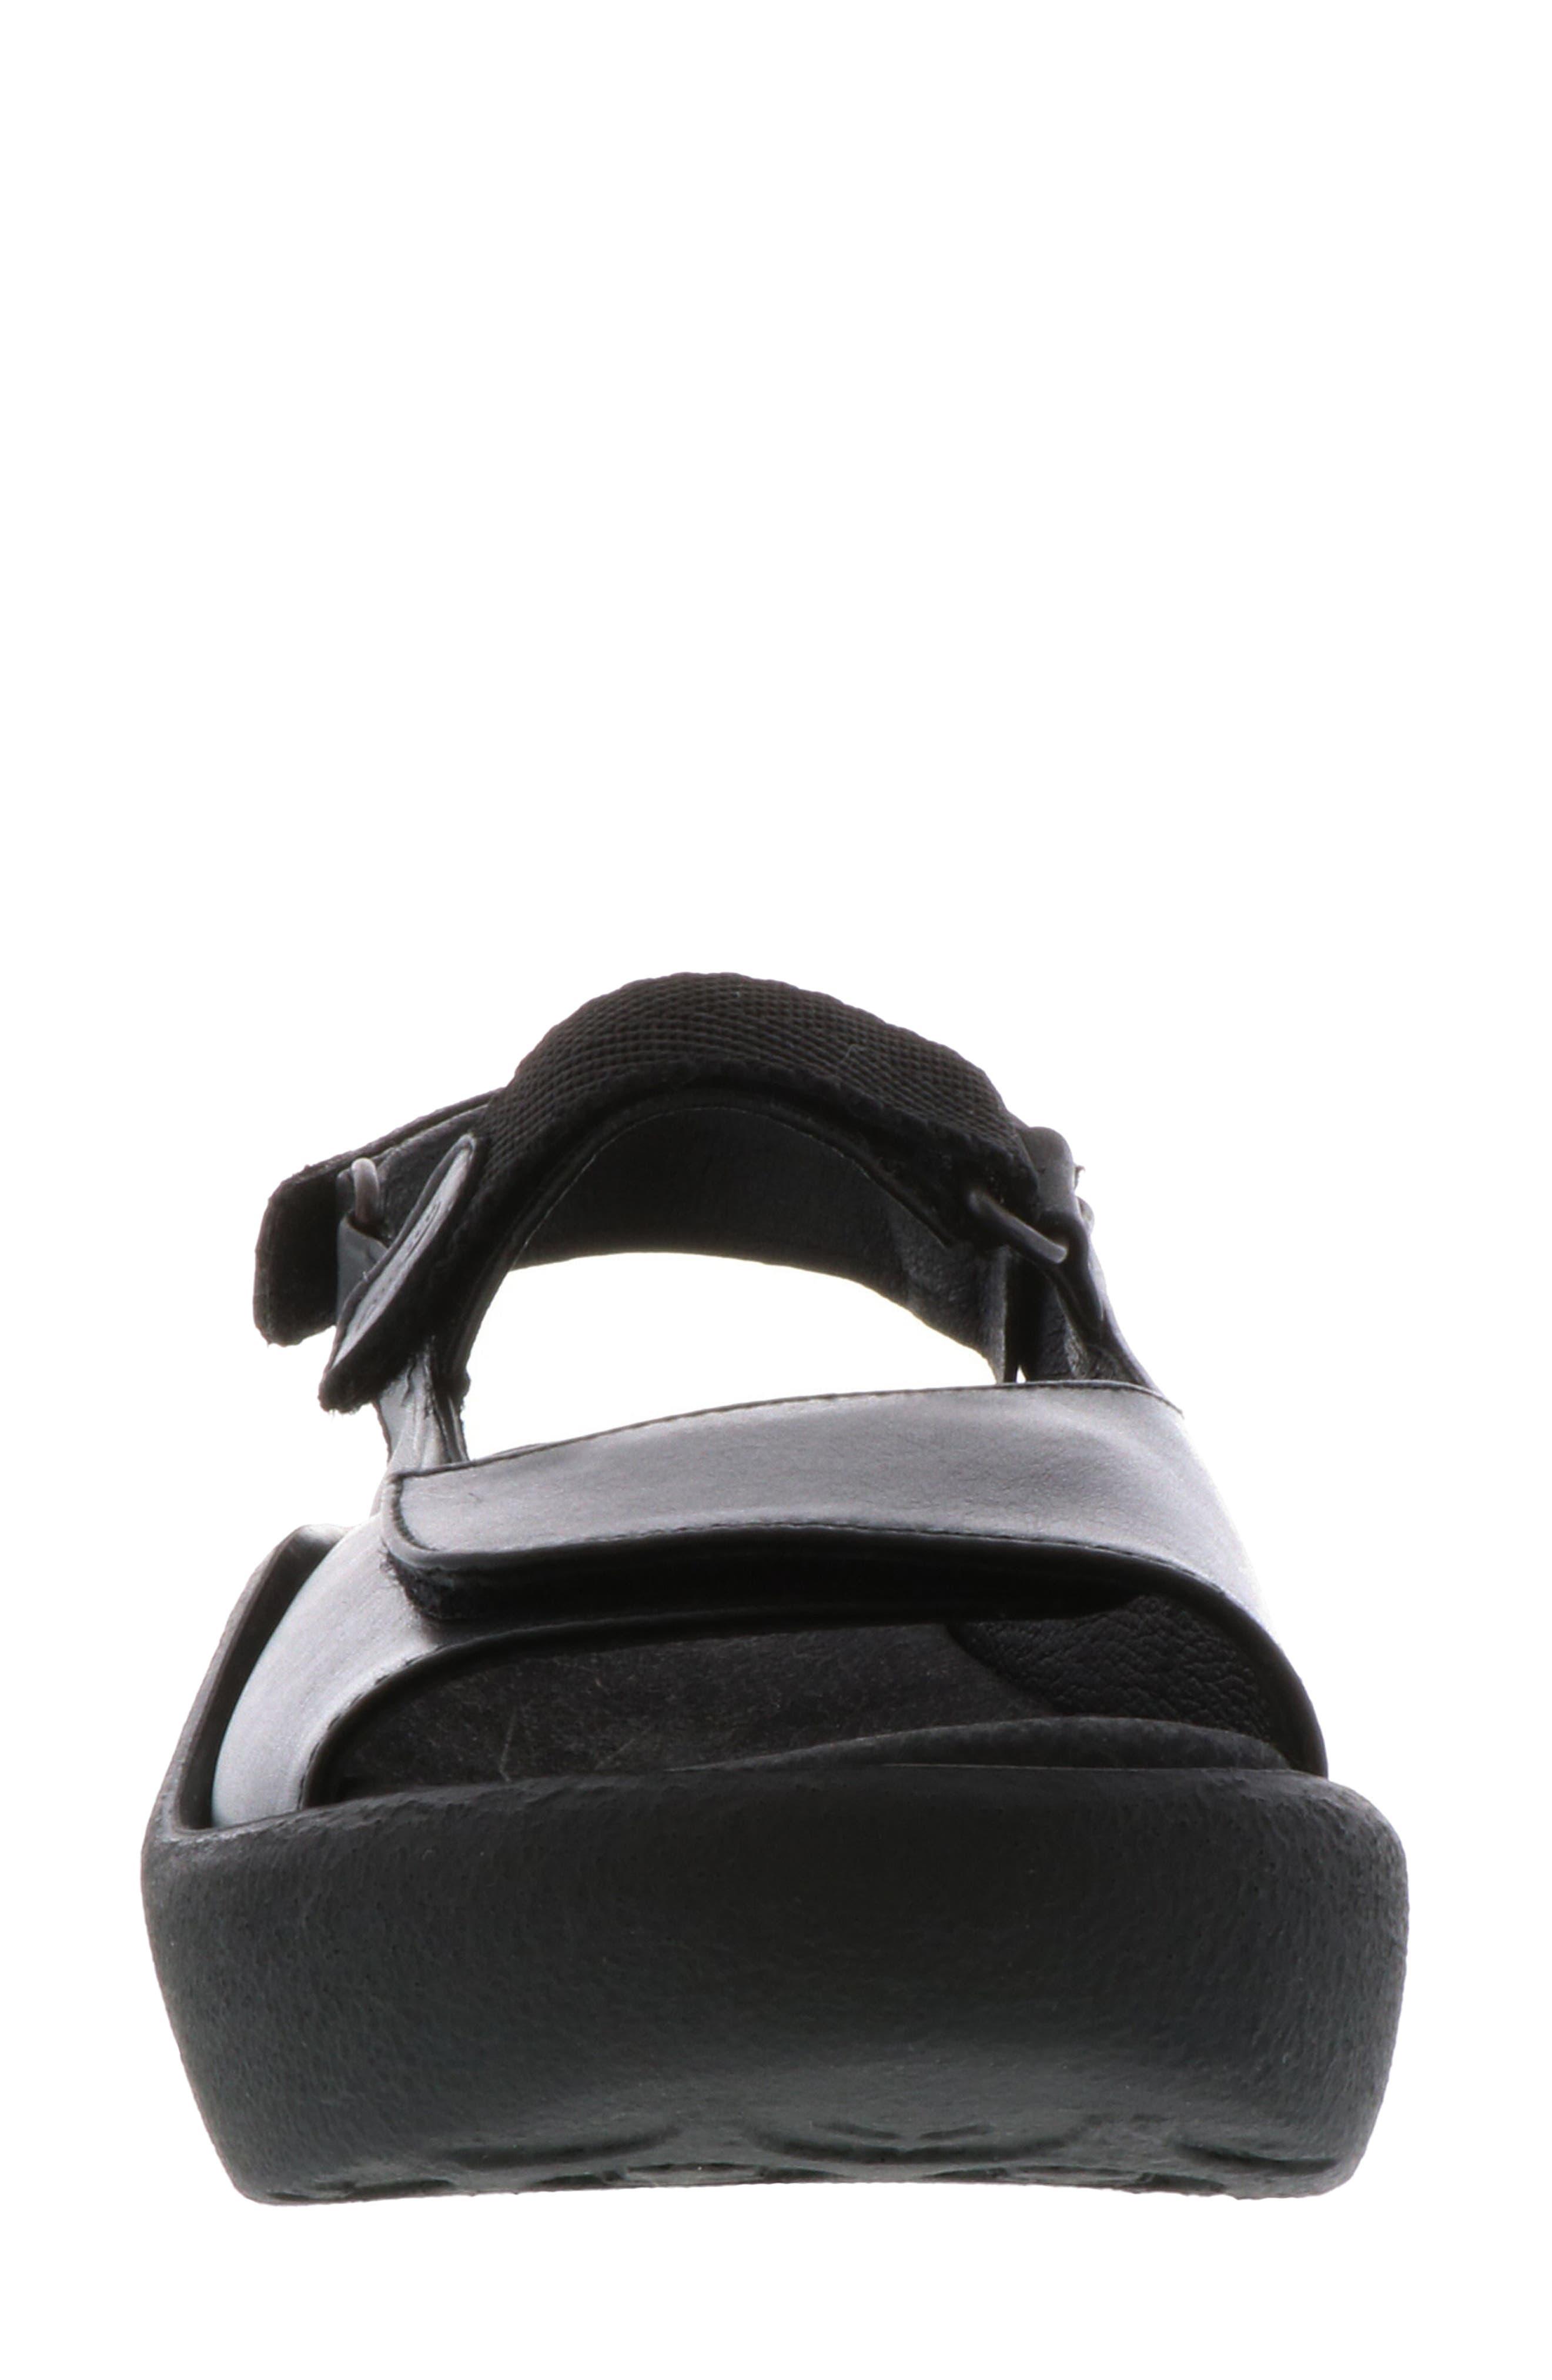 Jewel Sport Sandal,                             Alternate thumbnail 4, color,                             BLACK/ BLACK